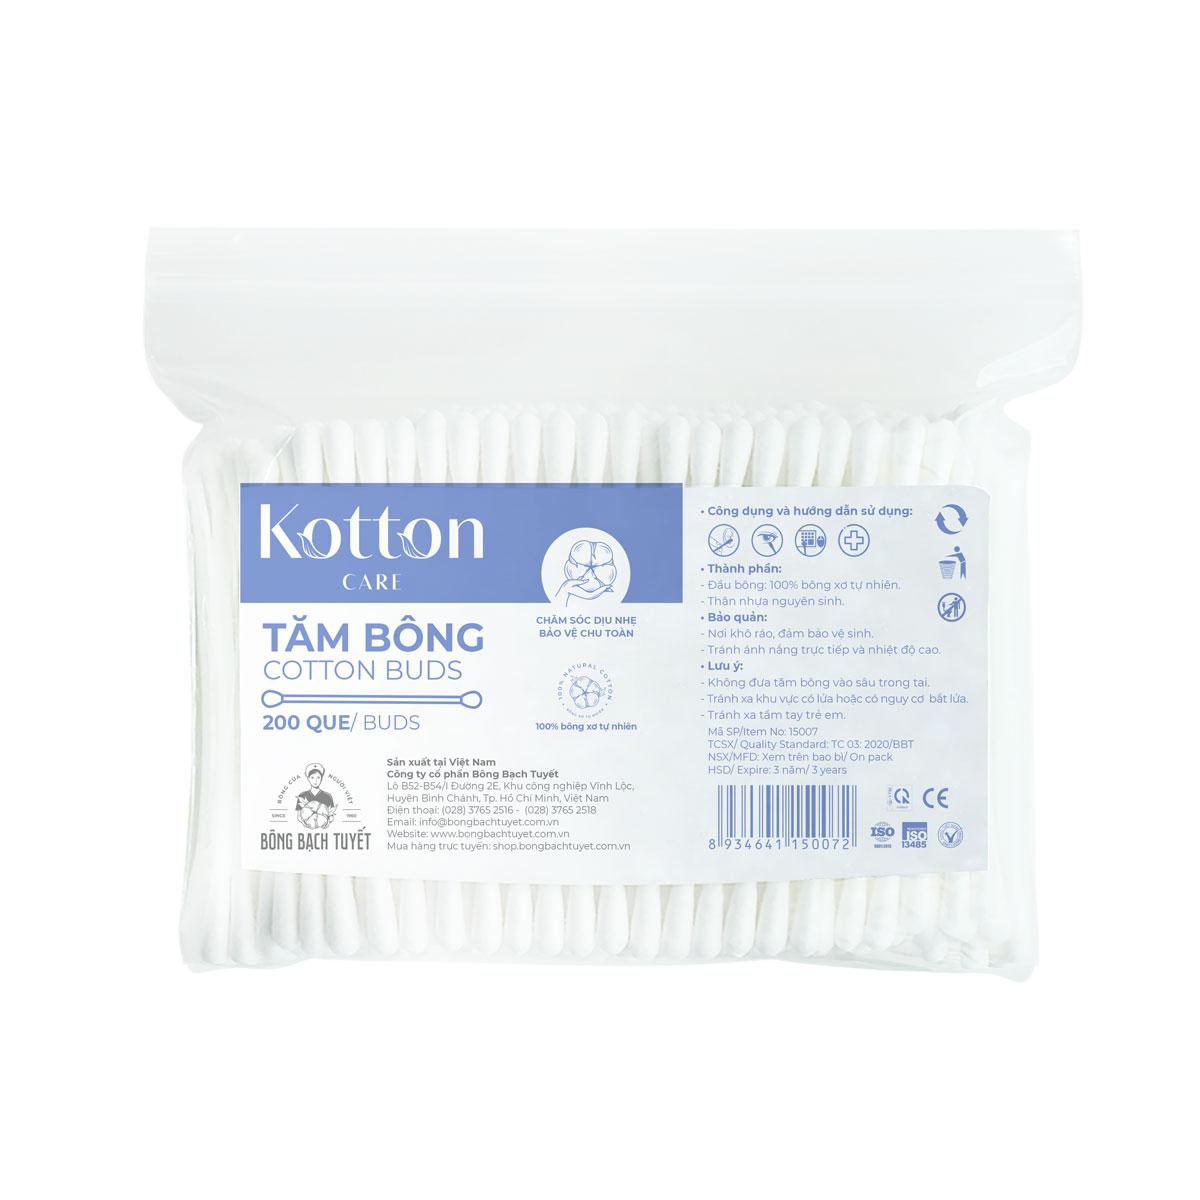 Tăm bông Kotton Care 200 que gói